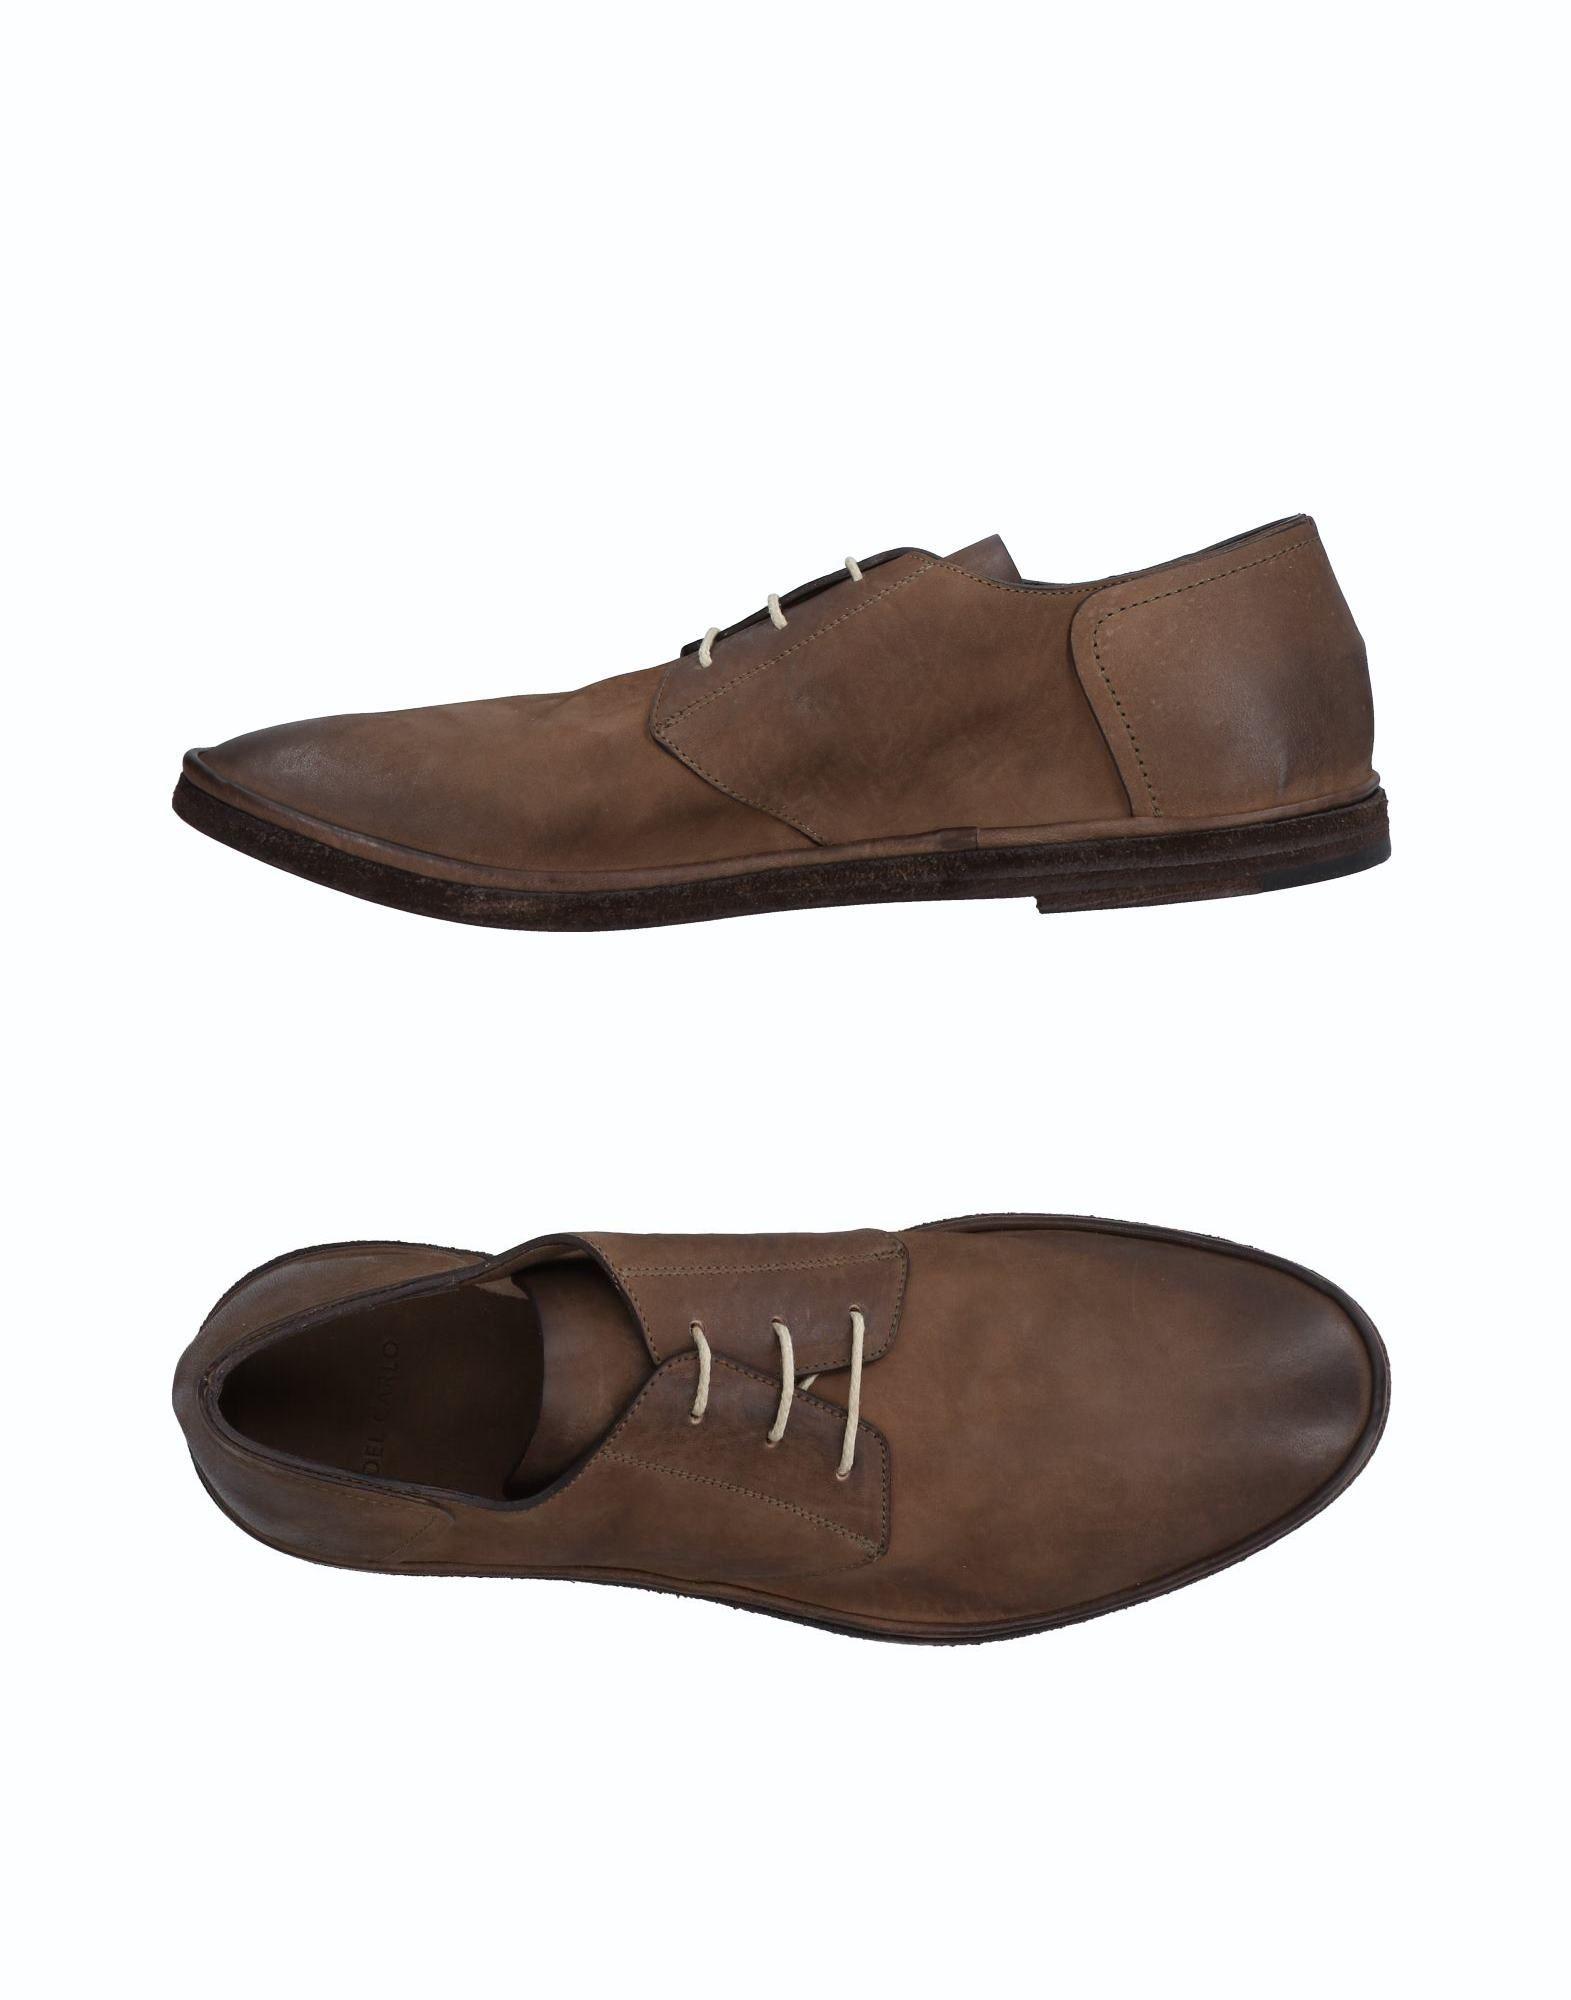 одежда и обувь для туризма и активного отдыха